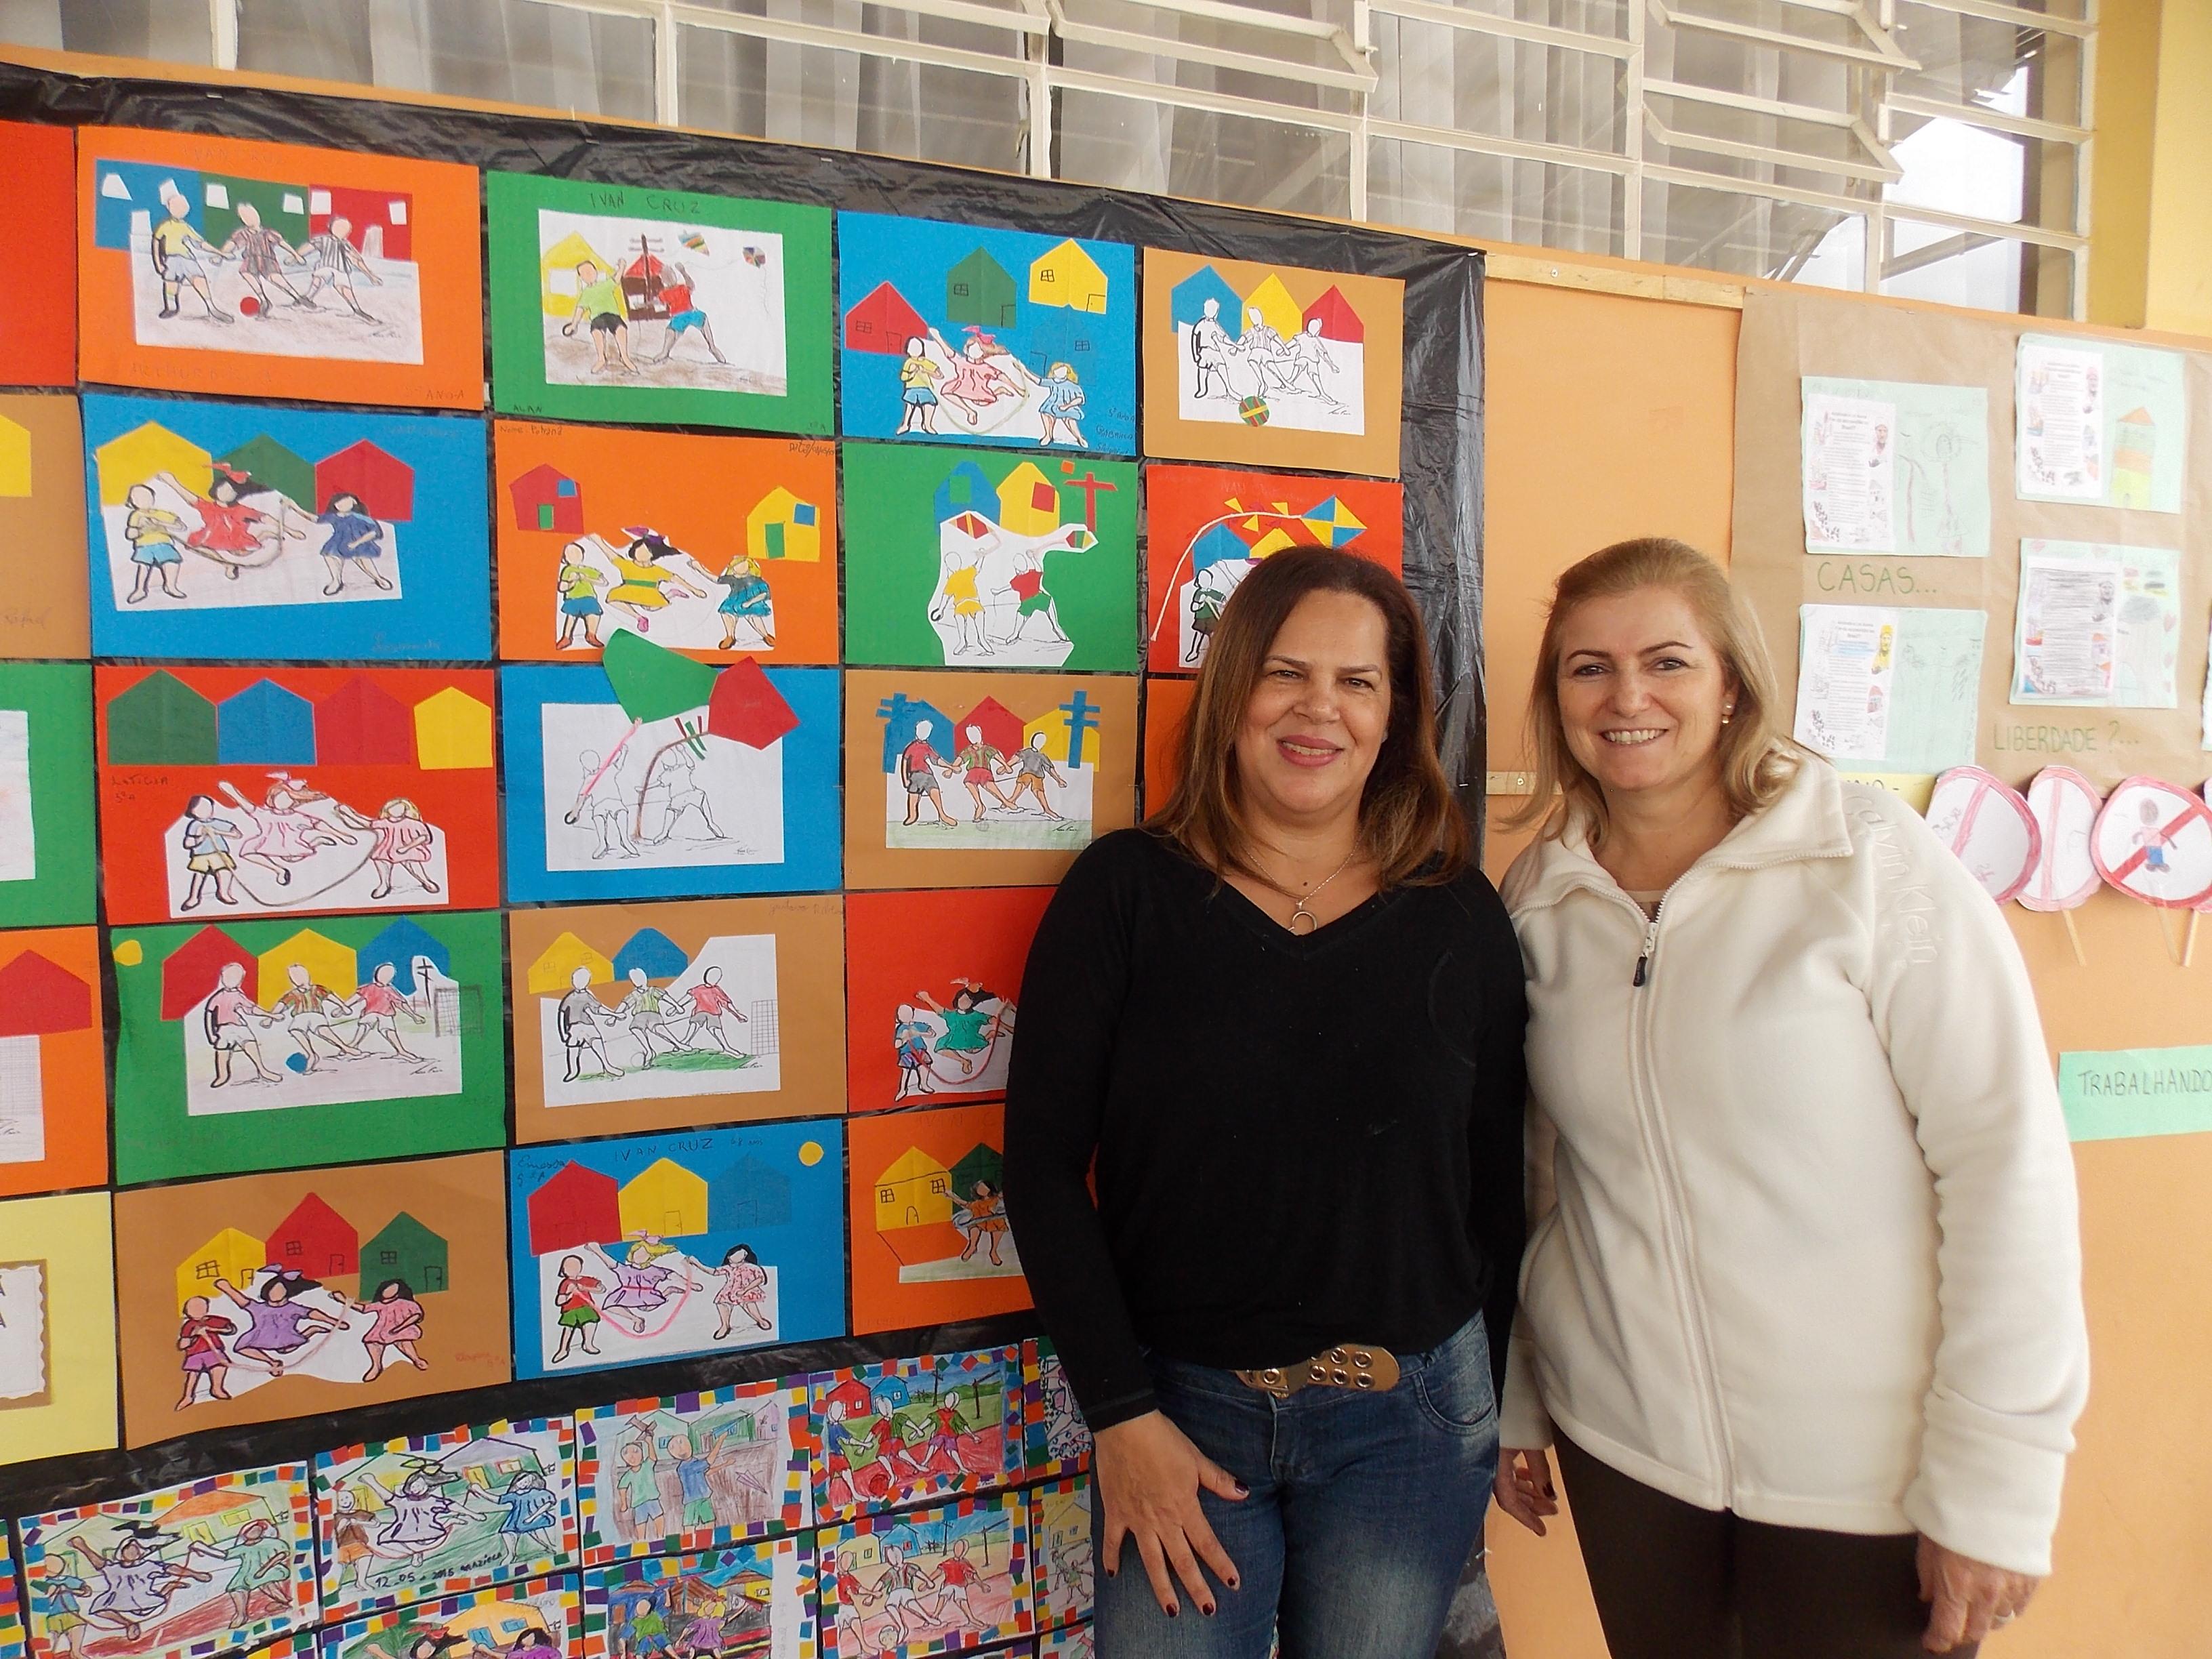 Exposição e amostra dos trabalhos das professoras de arte - Norma e Paula